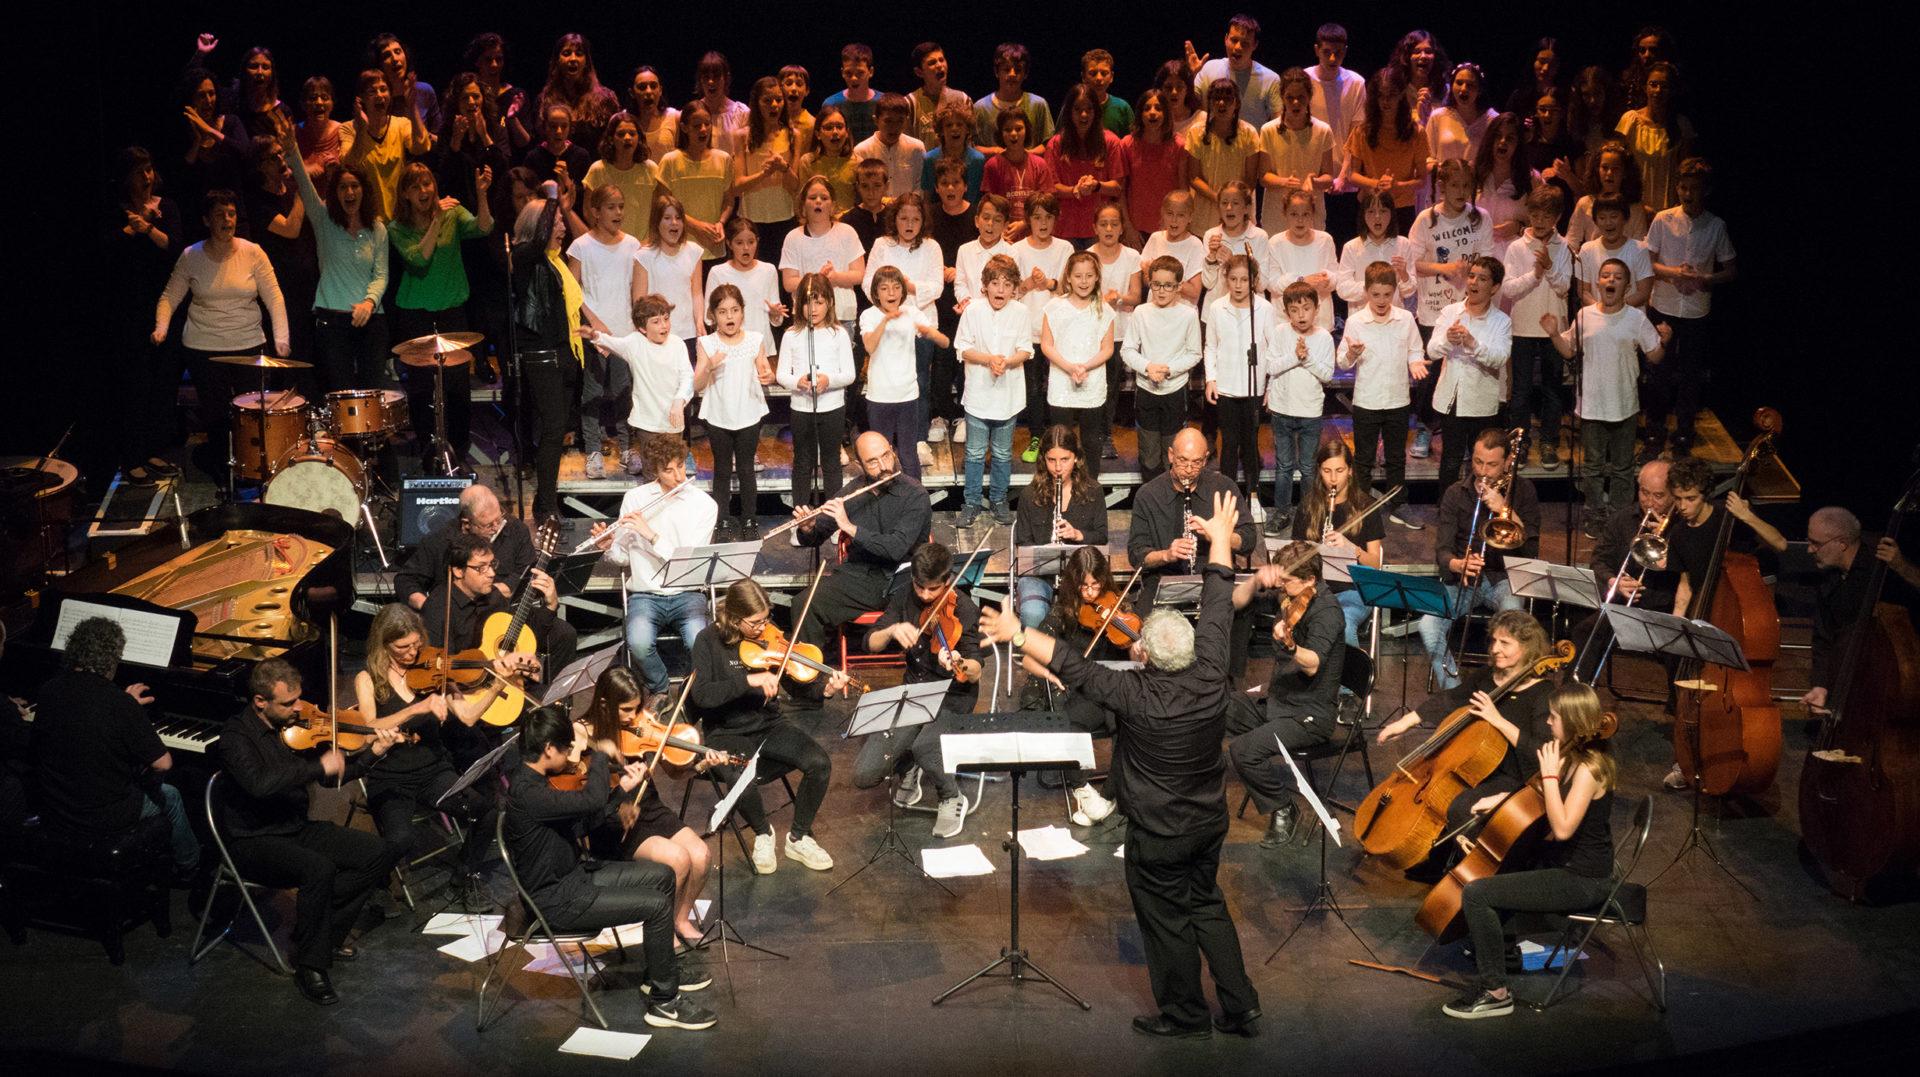 100 anys de l'Escola Municipal de Música d'Olot